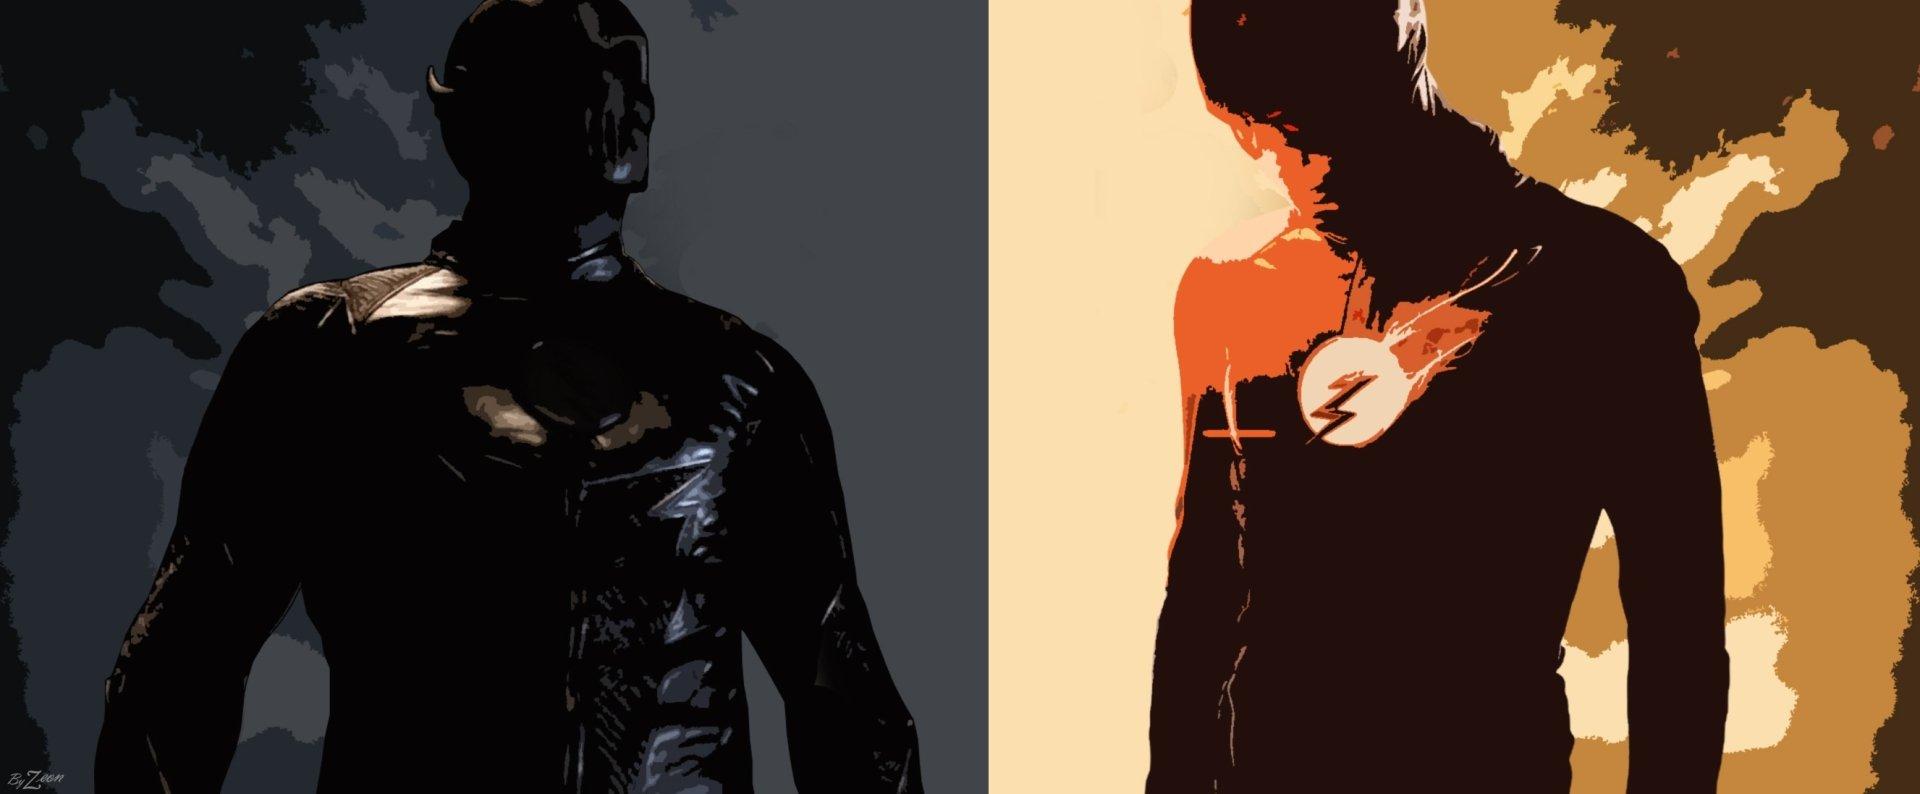 漫画 - 闪电侠  Superhero DC漫画 Zoom (Comics) 壁纸